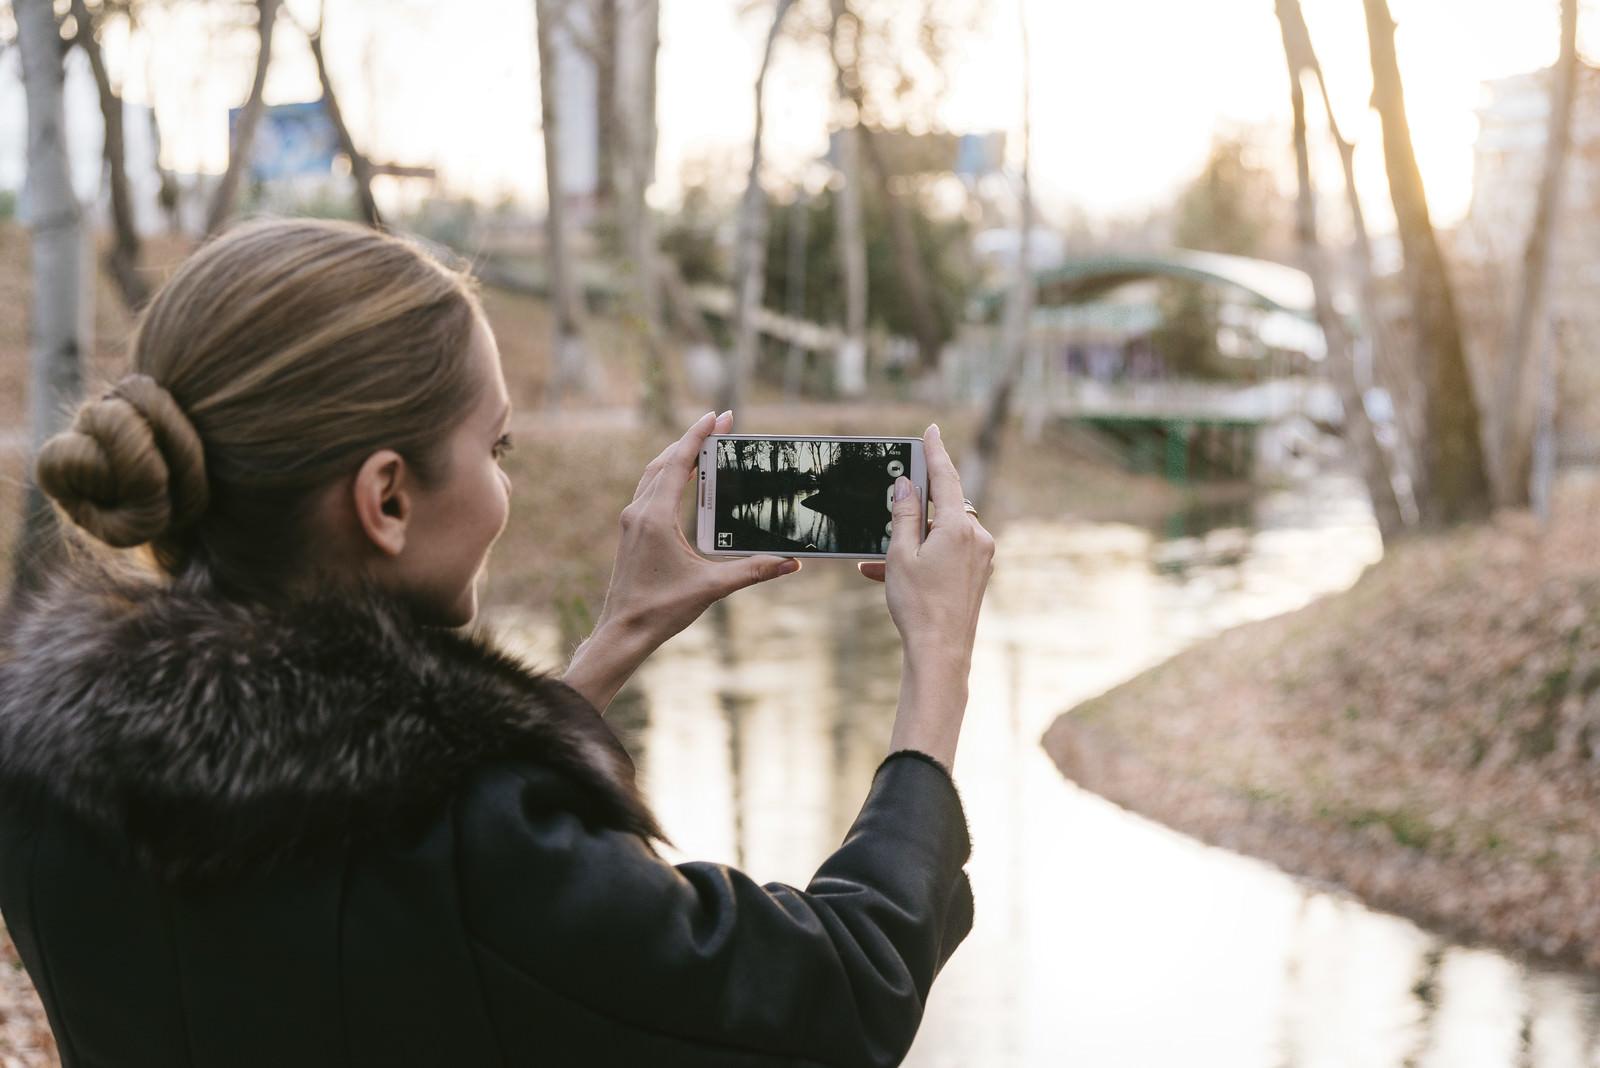 「スマートフォンで景色を撮影するブロンド美女」の写真[モデル:モデルファクトリー]